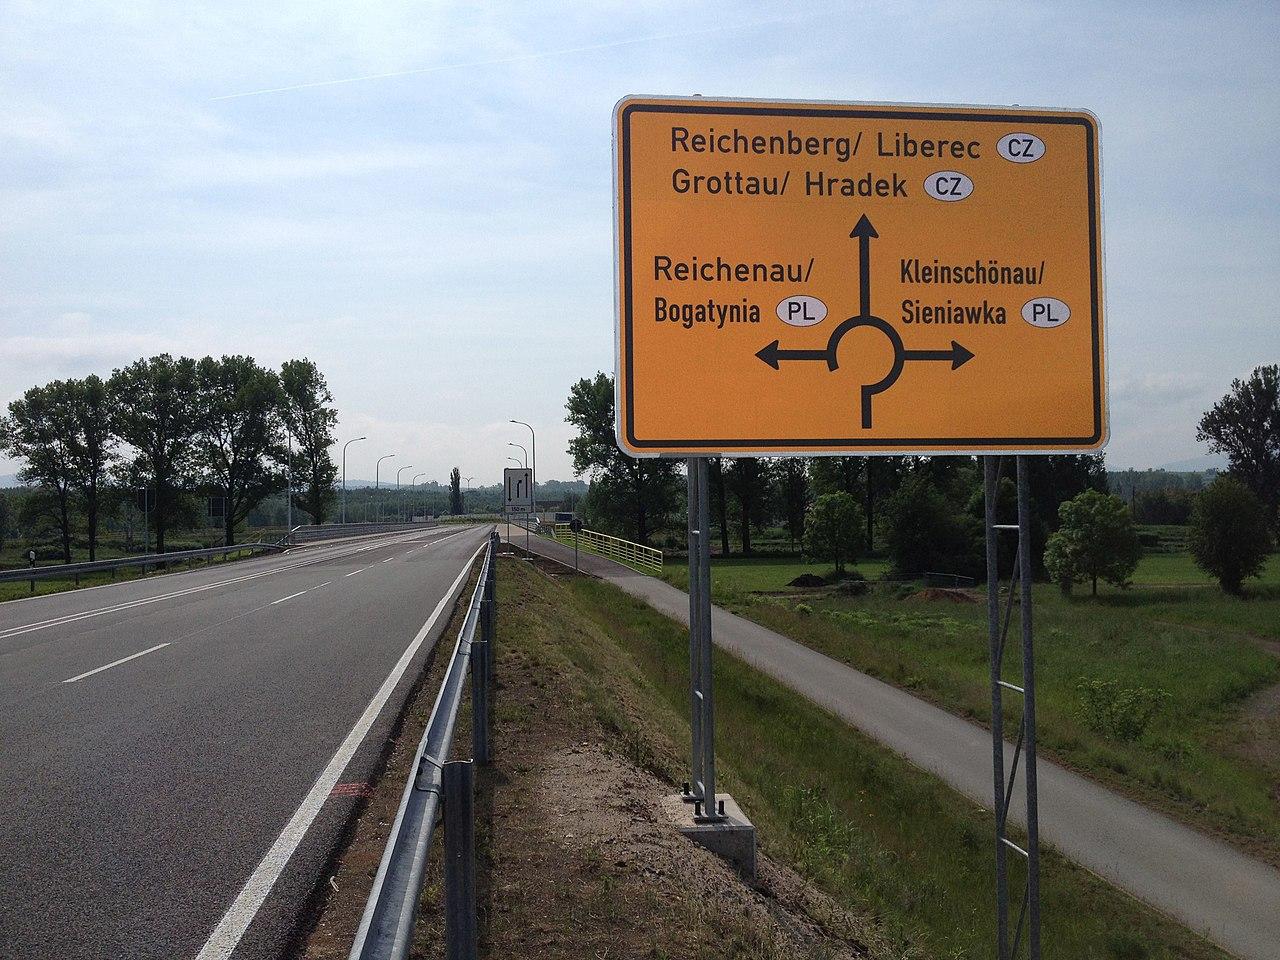 Tschechien Deutschland Grenze